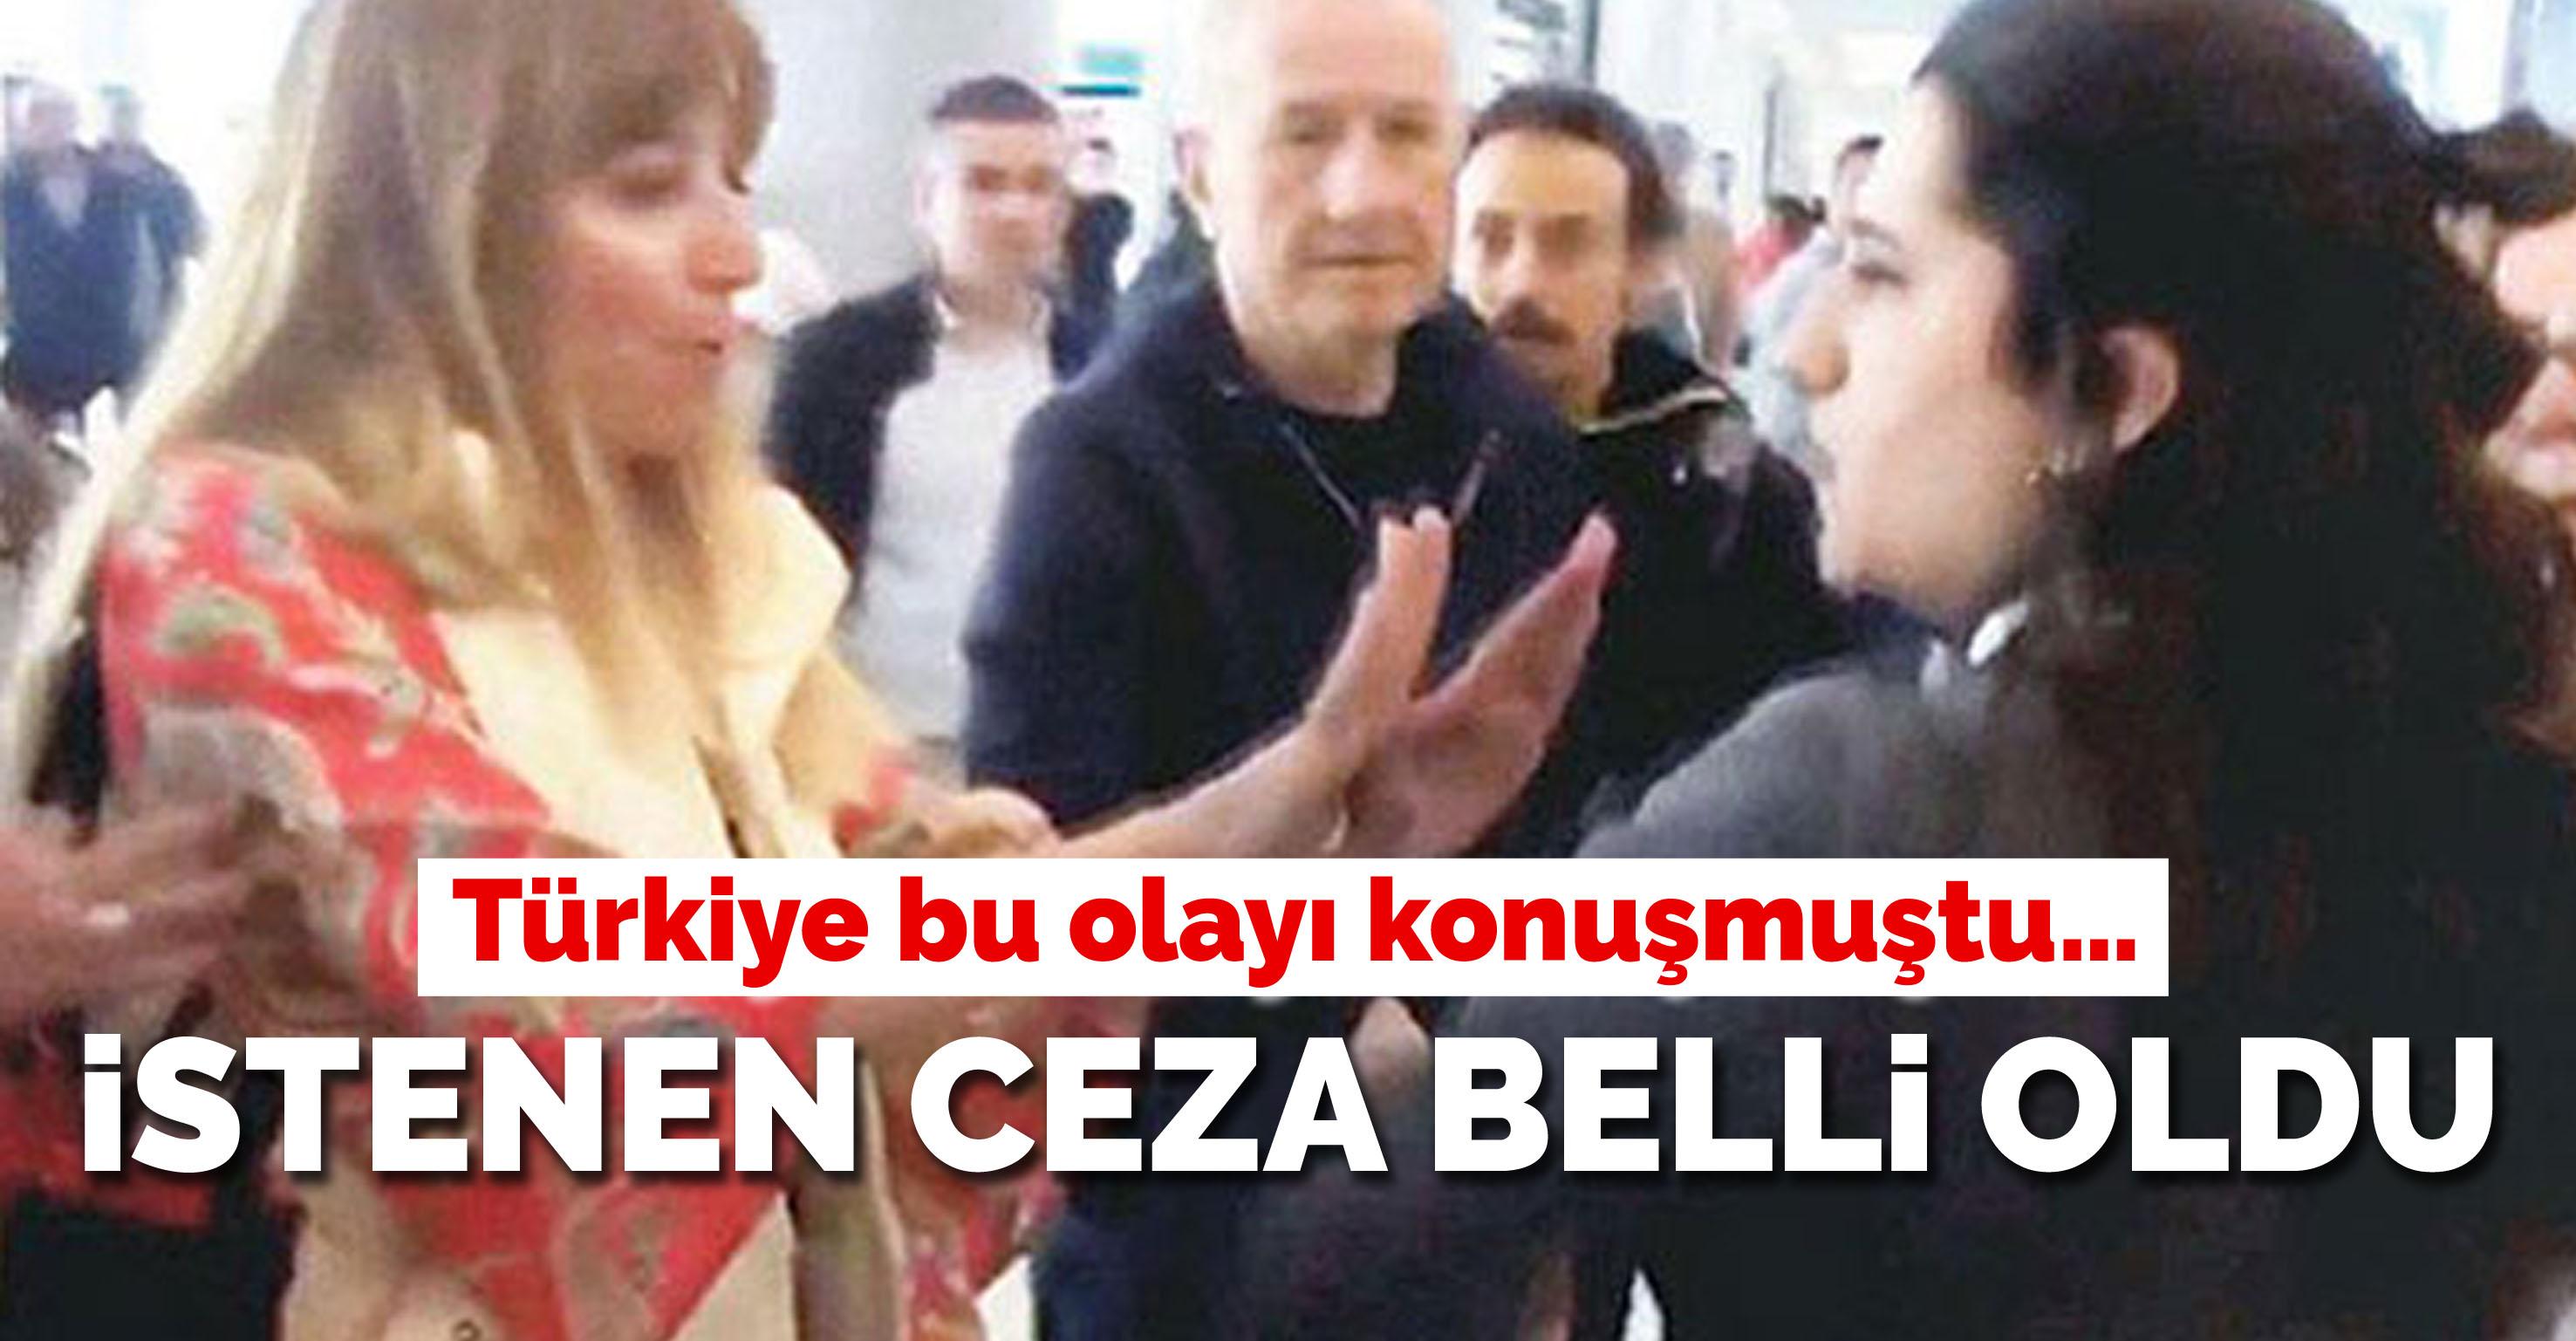 Türkiye bu olayı konuşmuştu… İstenen ceza belli oldu